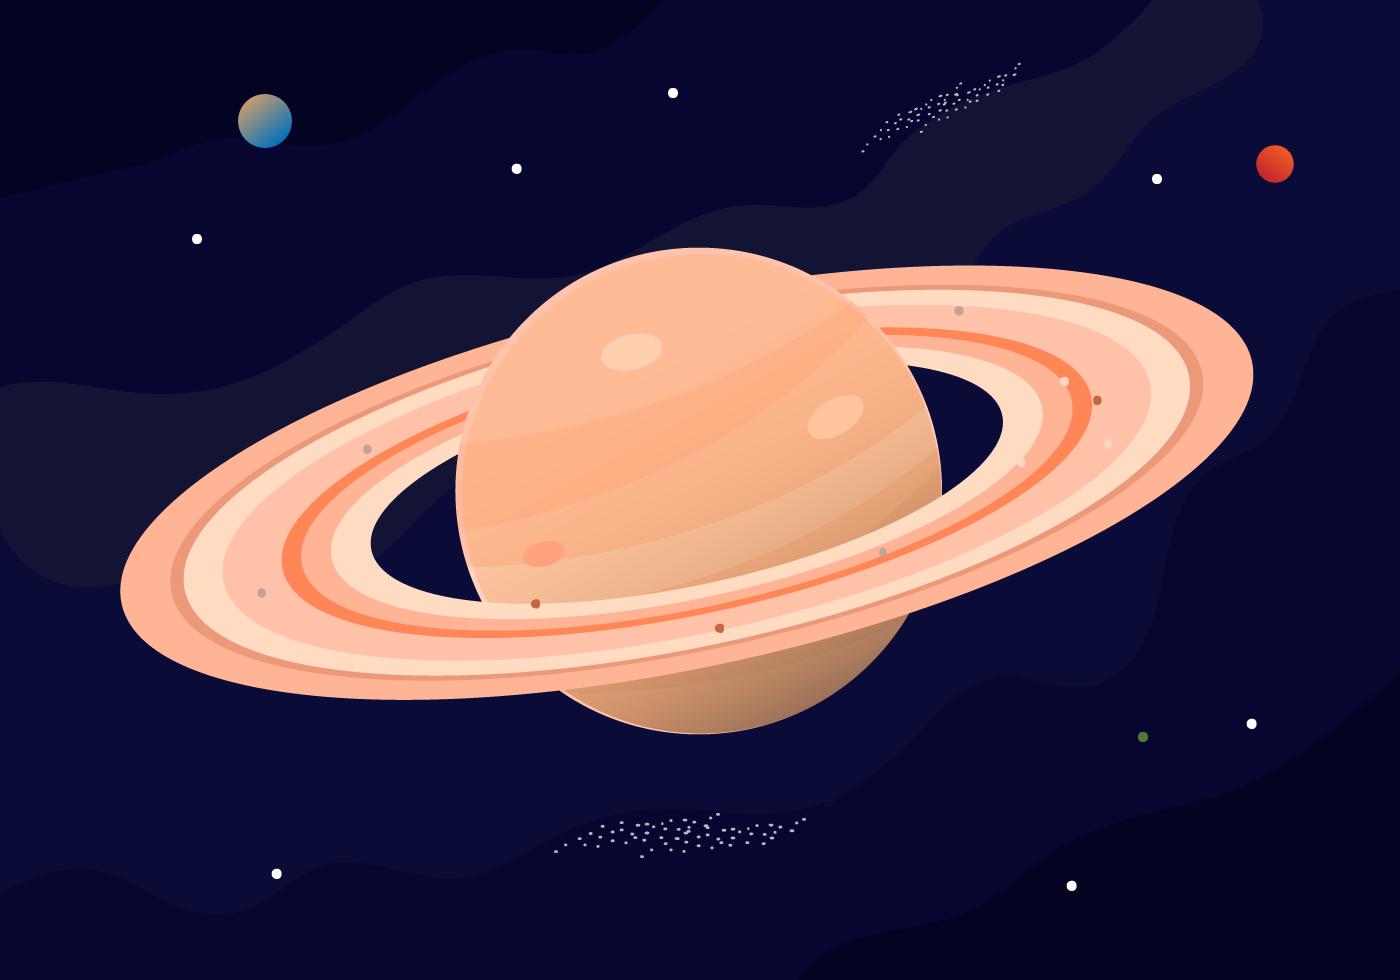 ткани сатурн рисунок карандашом цветной одном вагонов